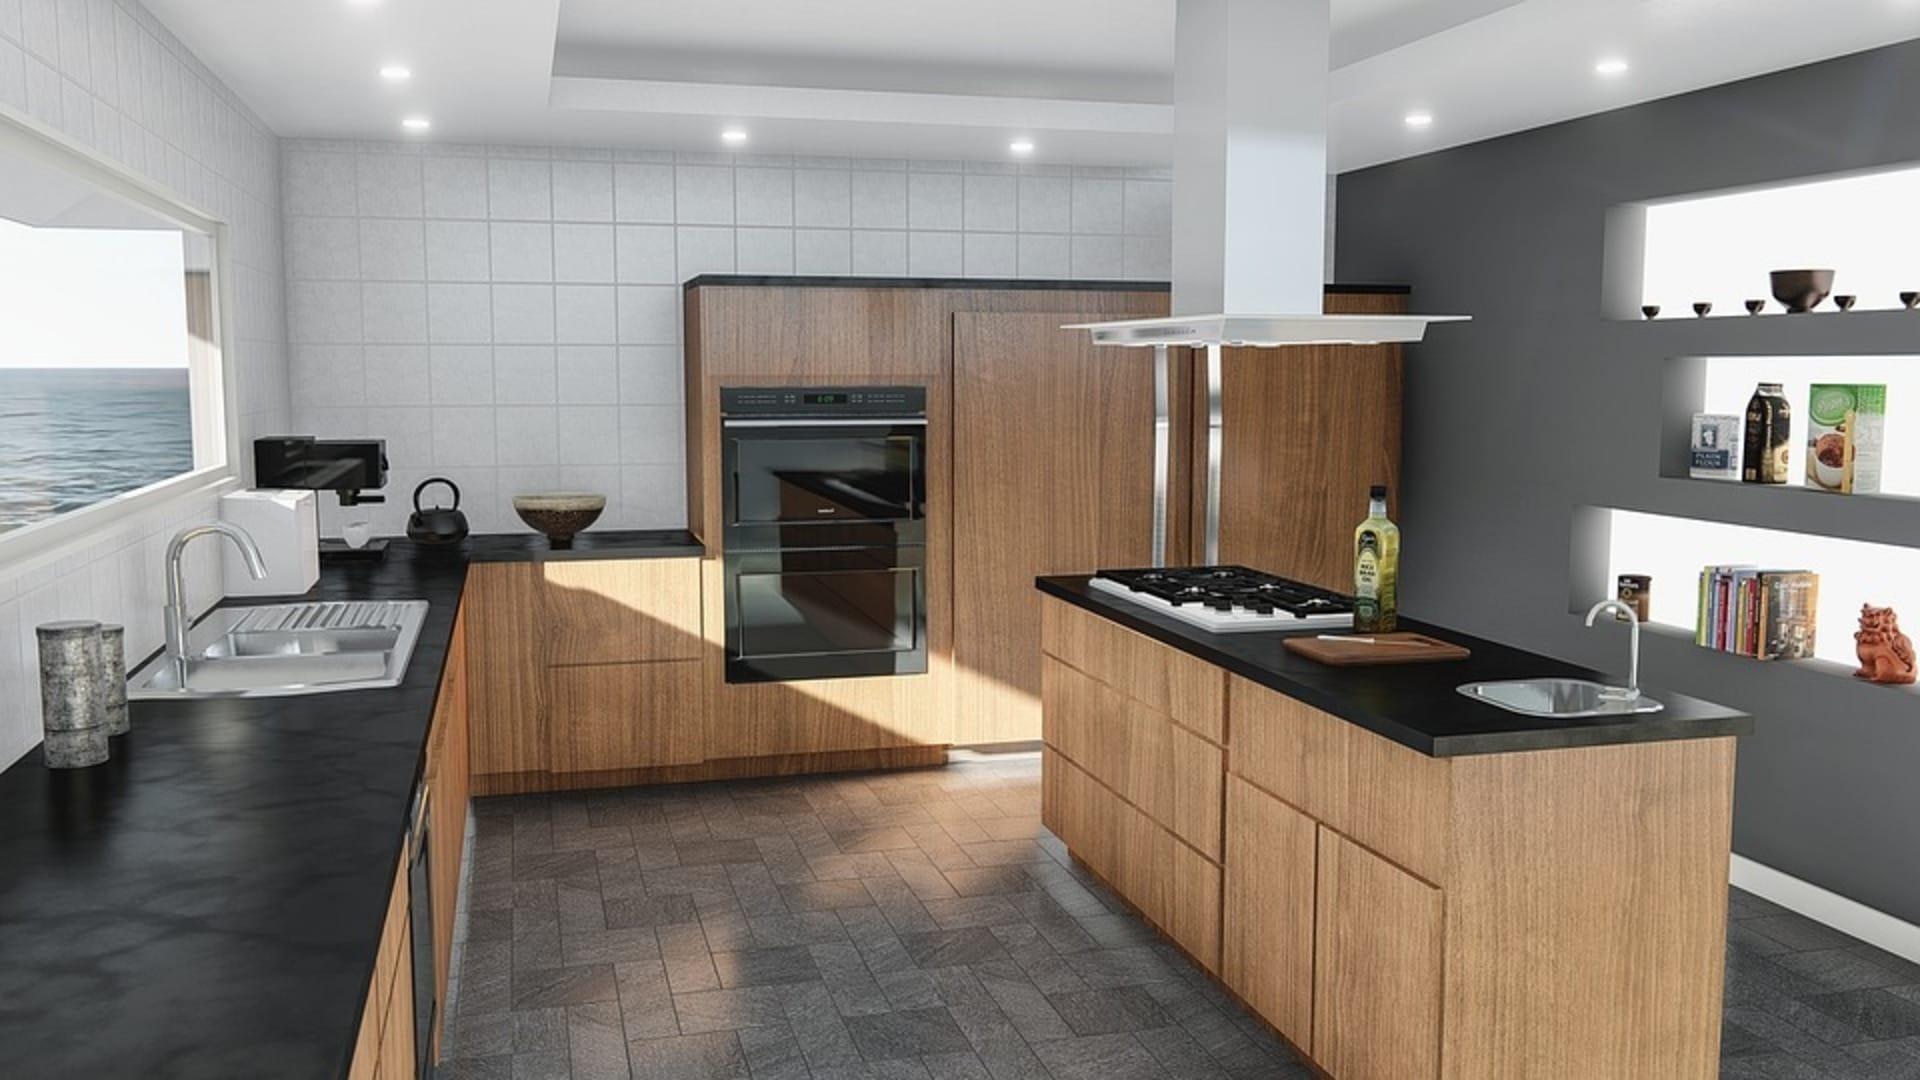 Full Size of Olina Küchen Mbelmontage Und Kchenmontage Traun Gratis Kosten Der Besten 16 Regal Wohnzimmer Olina Küchen